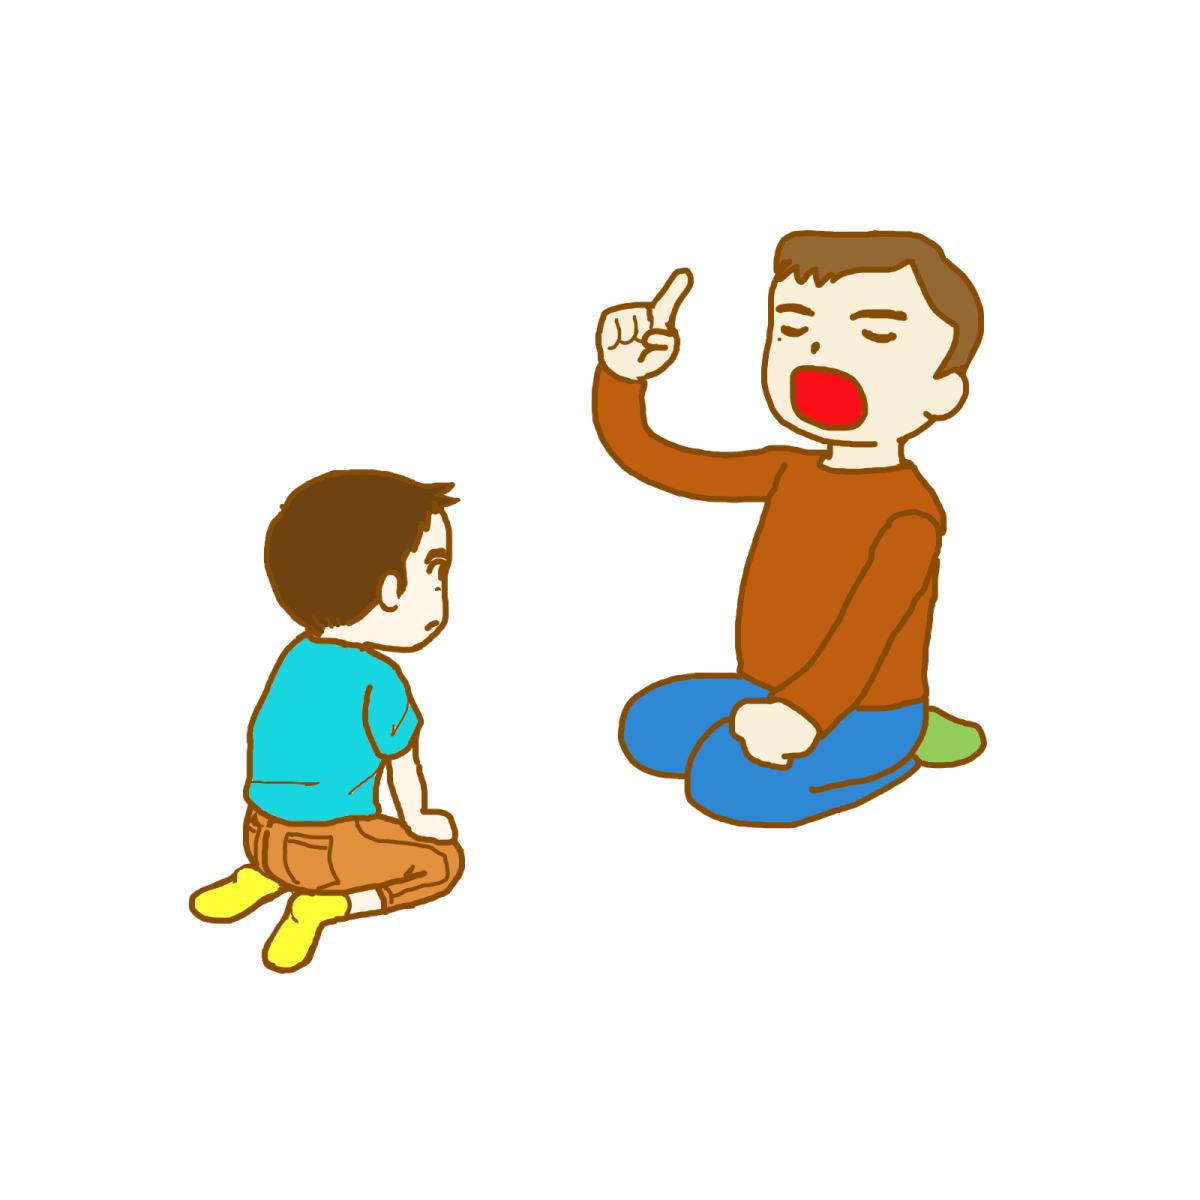 過干渉とモラハラをしている毒父のイメージイラスト